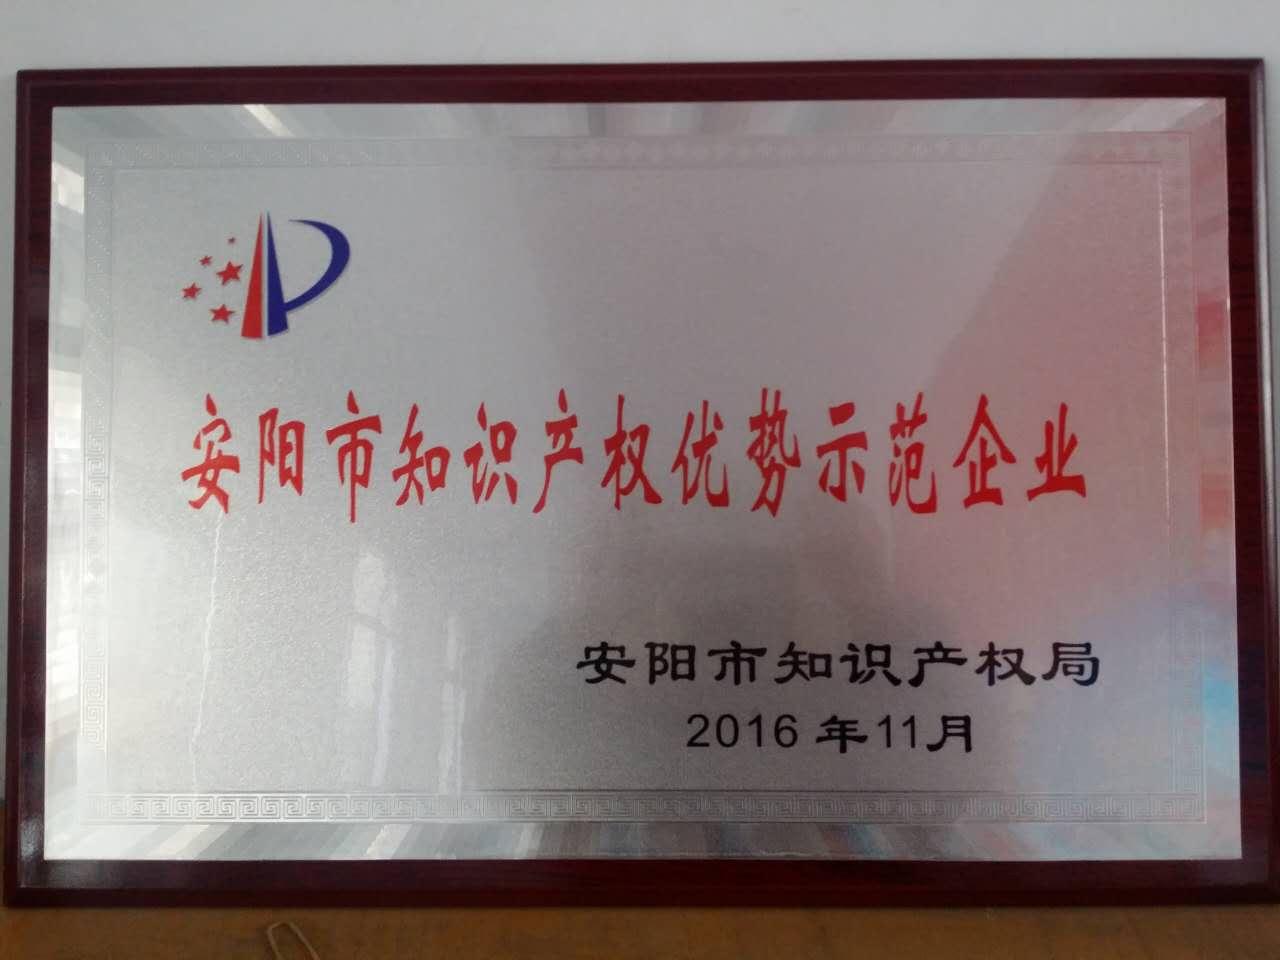 我公司被安阳市知识产权局认定为知识产权优势示范企业.jpg